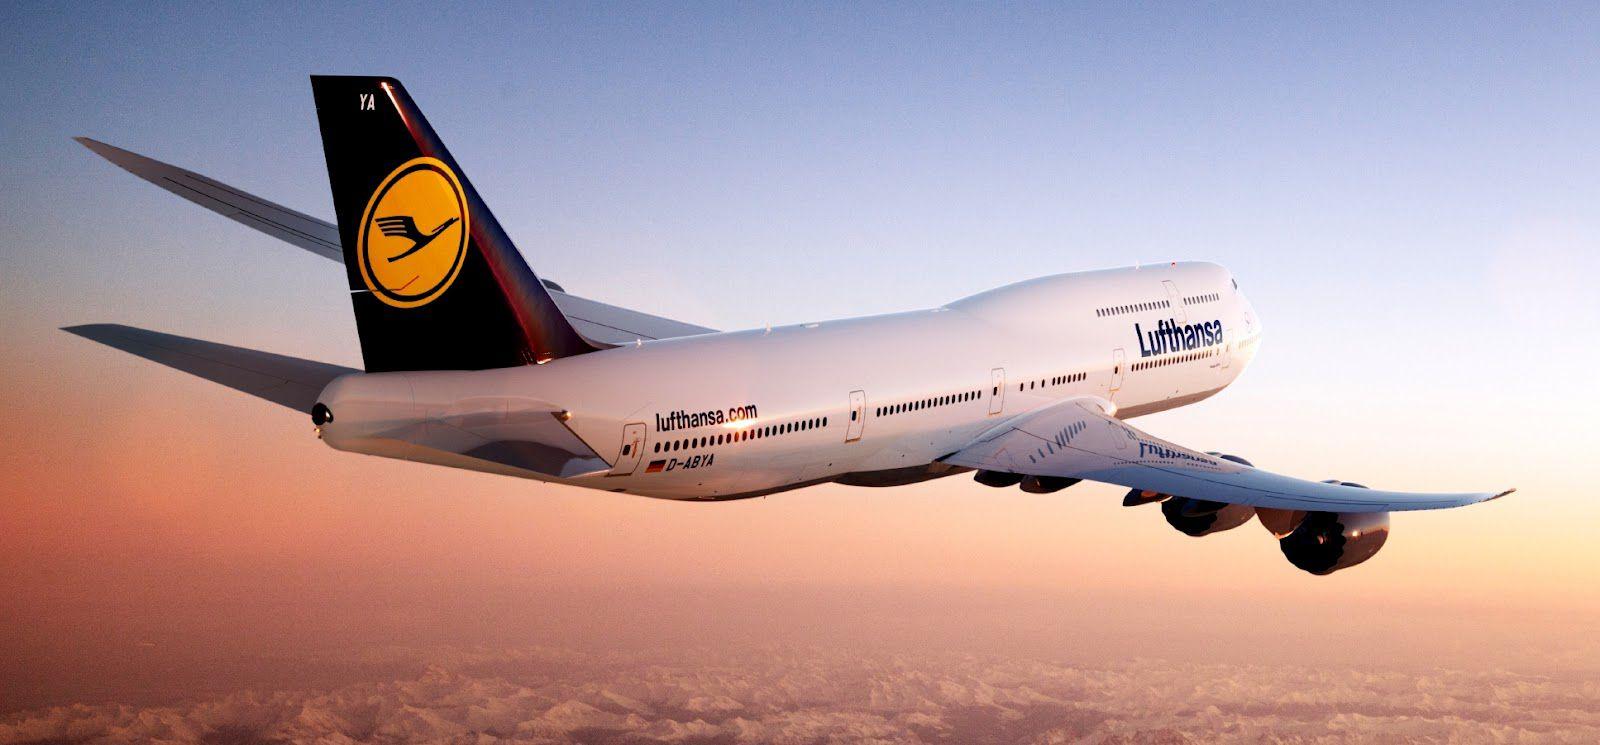 boeing_747-8_lufthansa.jpg